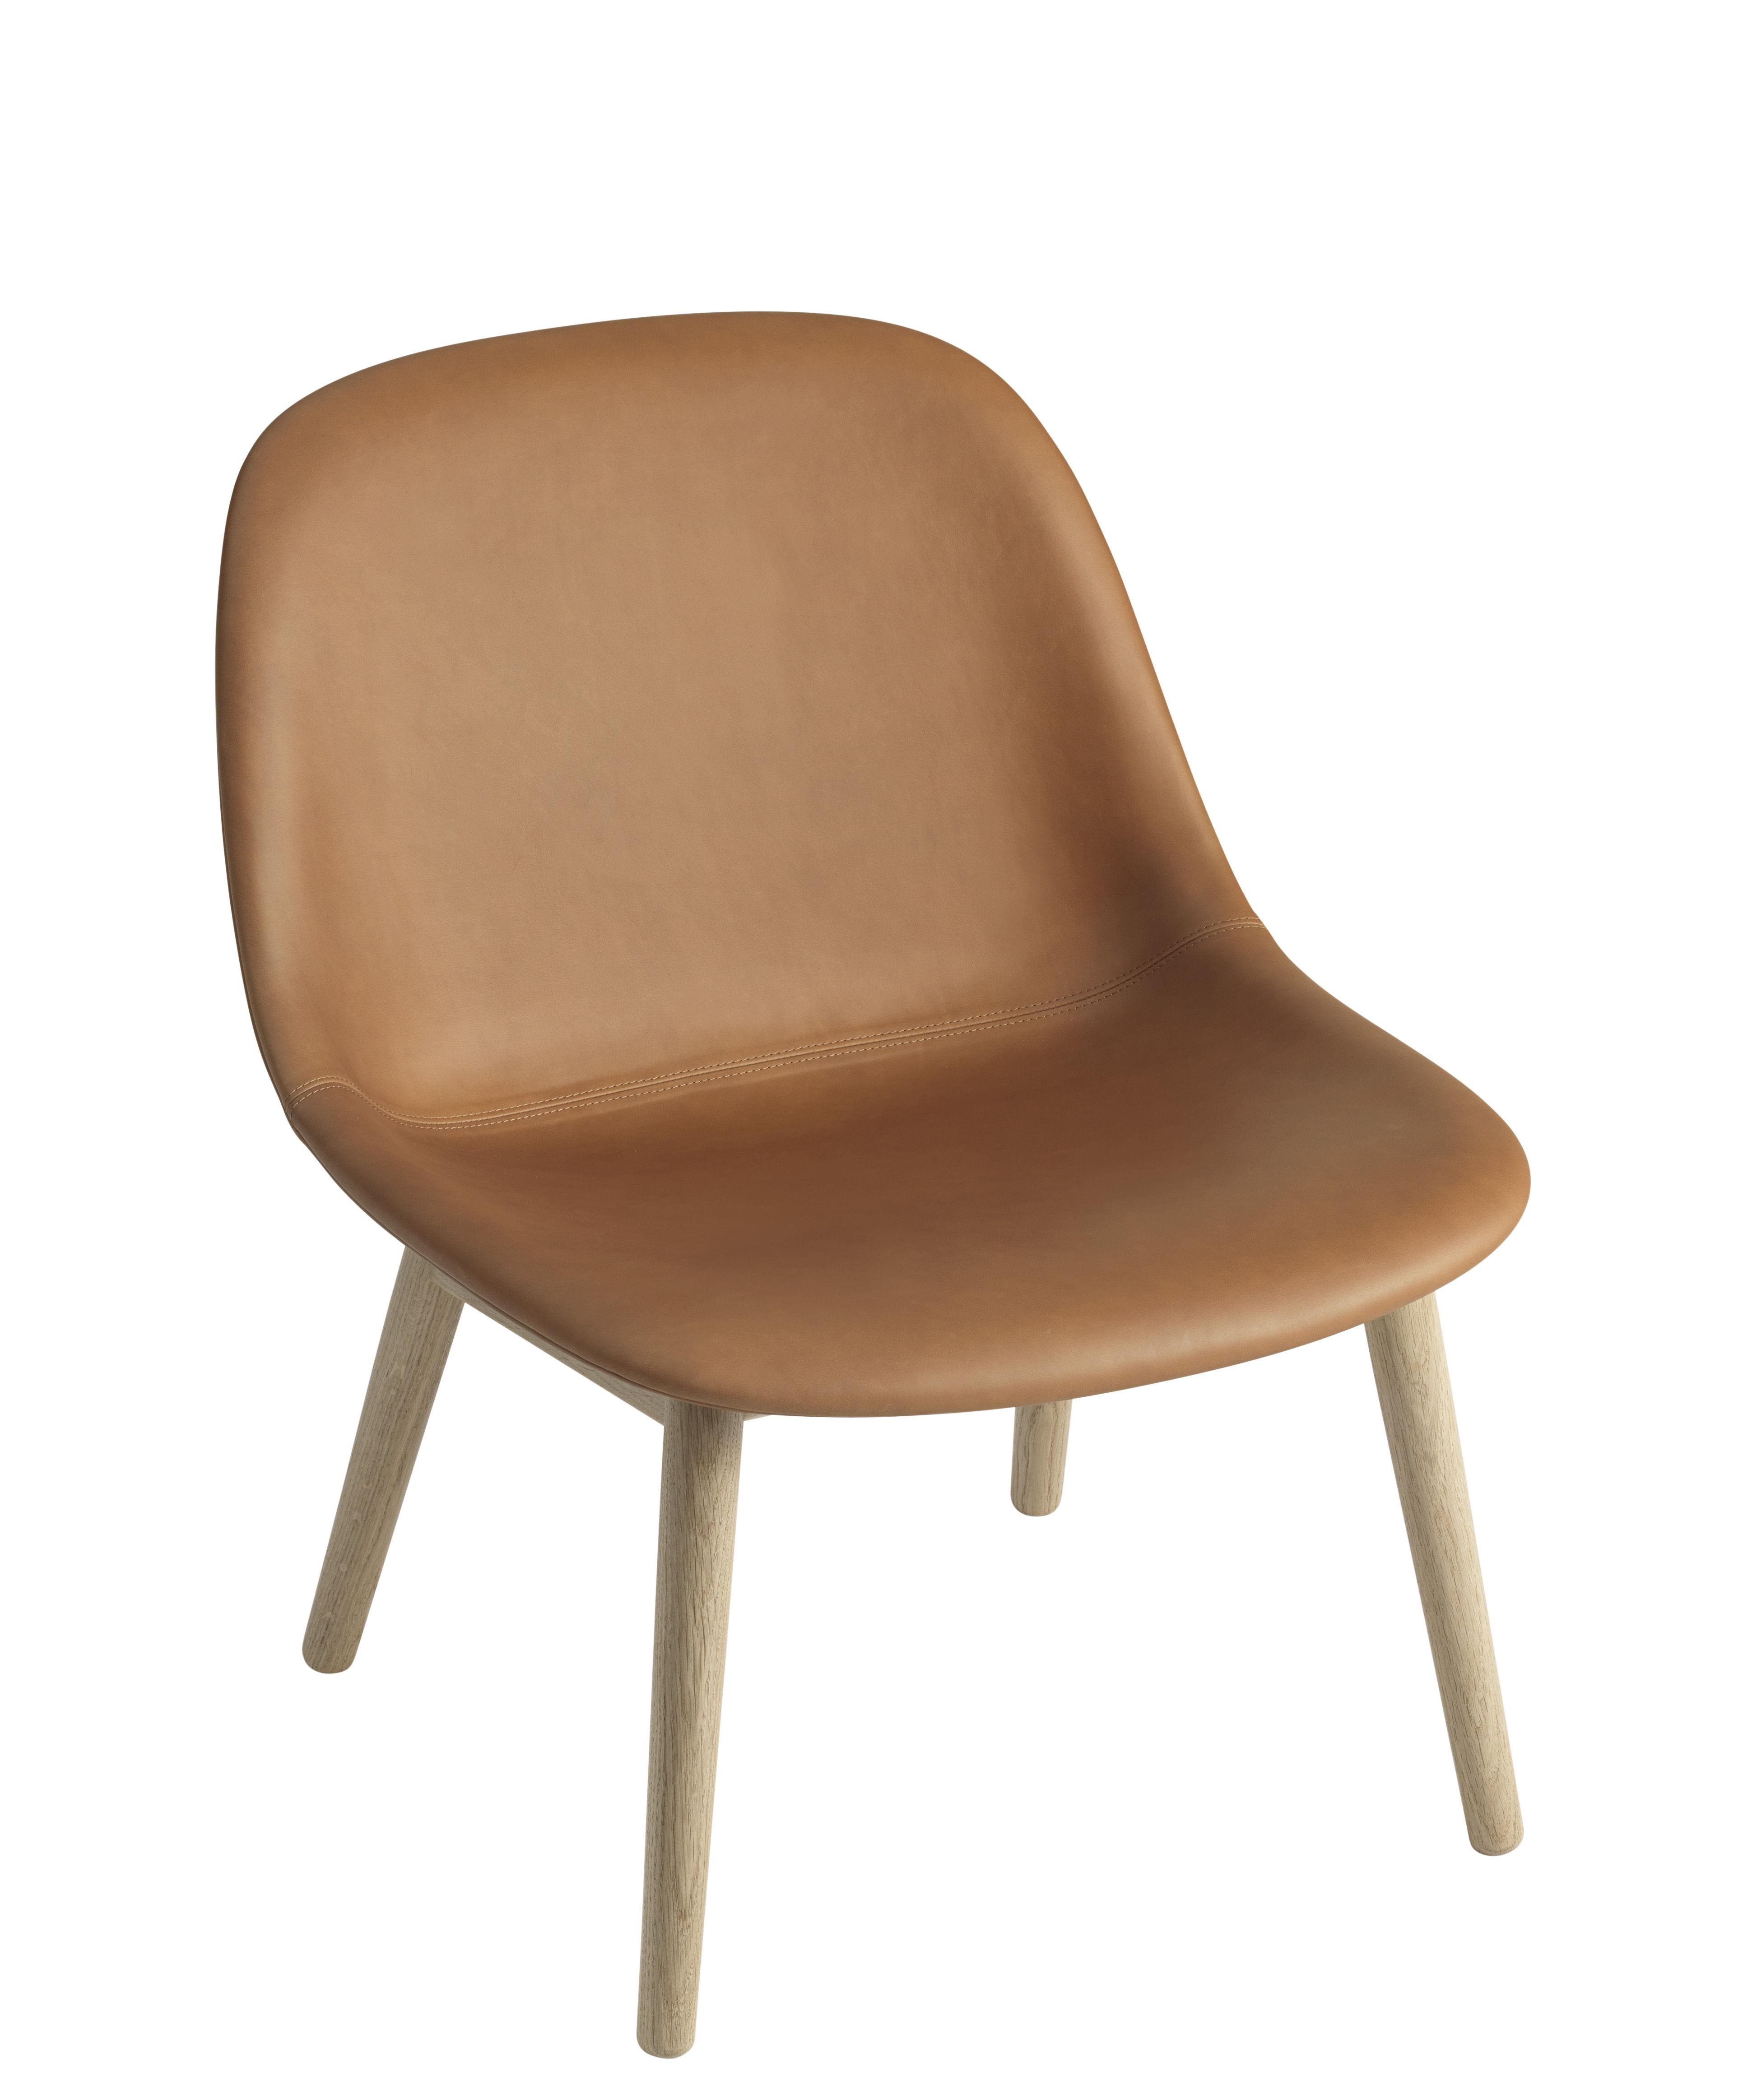 Möbel - Lounge Sessel - Fiber Lounge Lounge Sessel / gepolstert - Lederbezug & Stuhlbeine aus Holz - Muuto - Cognacfarben / Stuhlbeine holzfarben - Eiche, Leder, Verbund-Werkstoffe